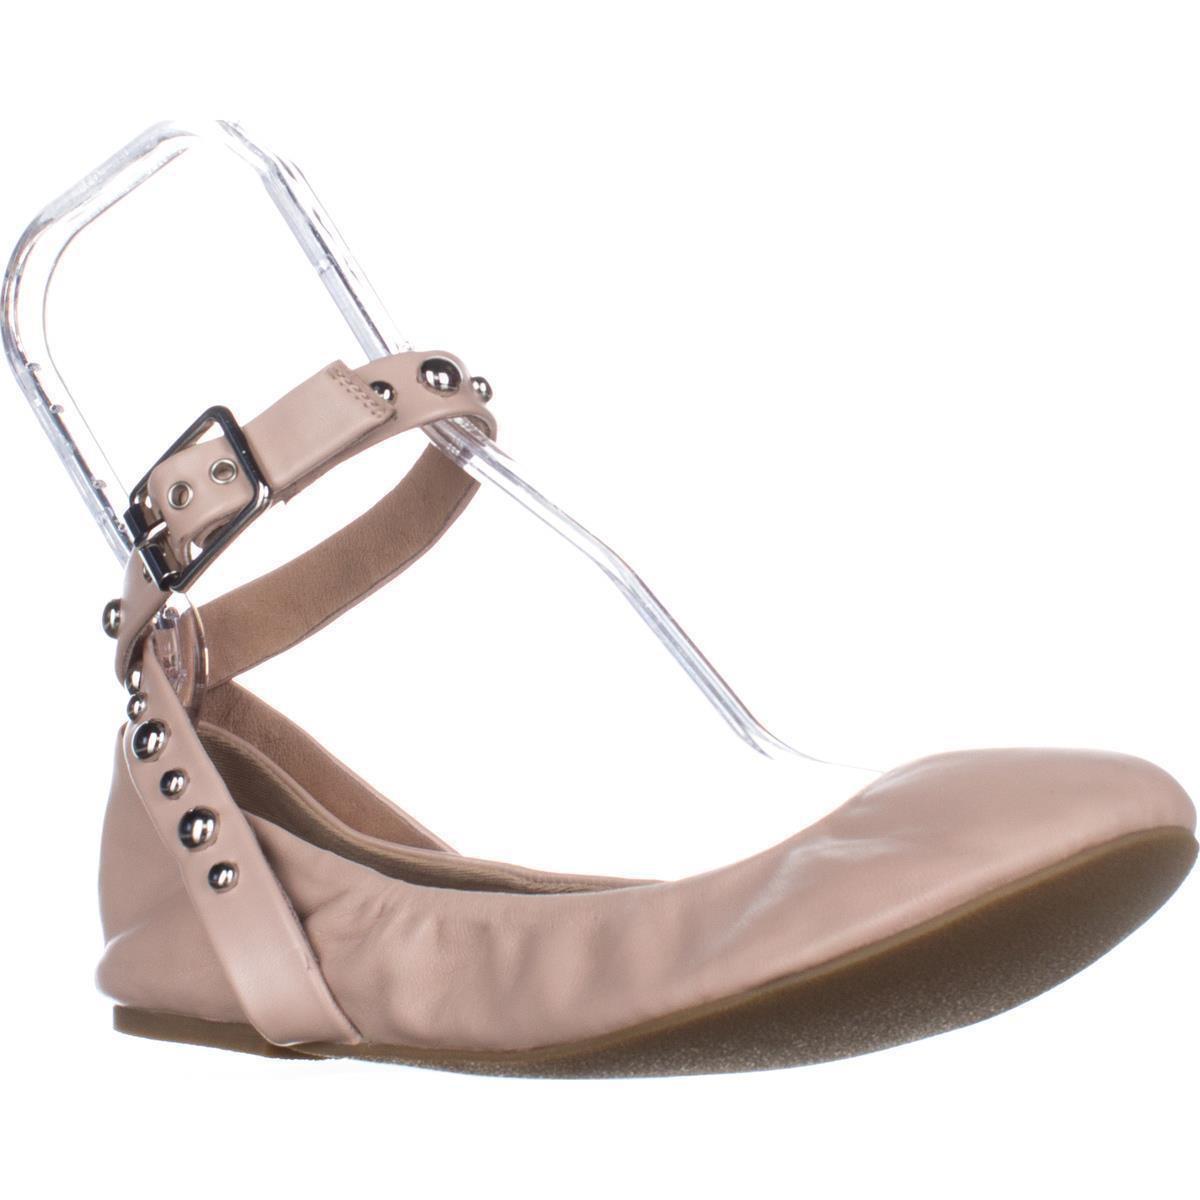 b52e5460685 Lyst - Steve Madden Mollie Ballet Flat in Pink